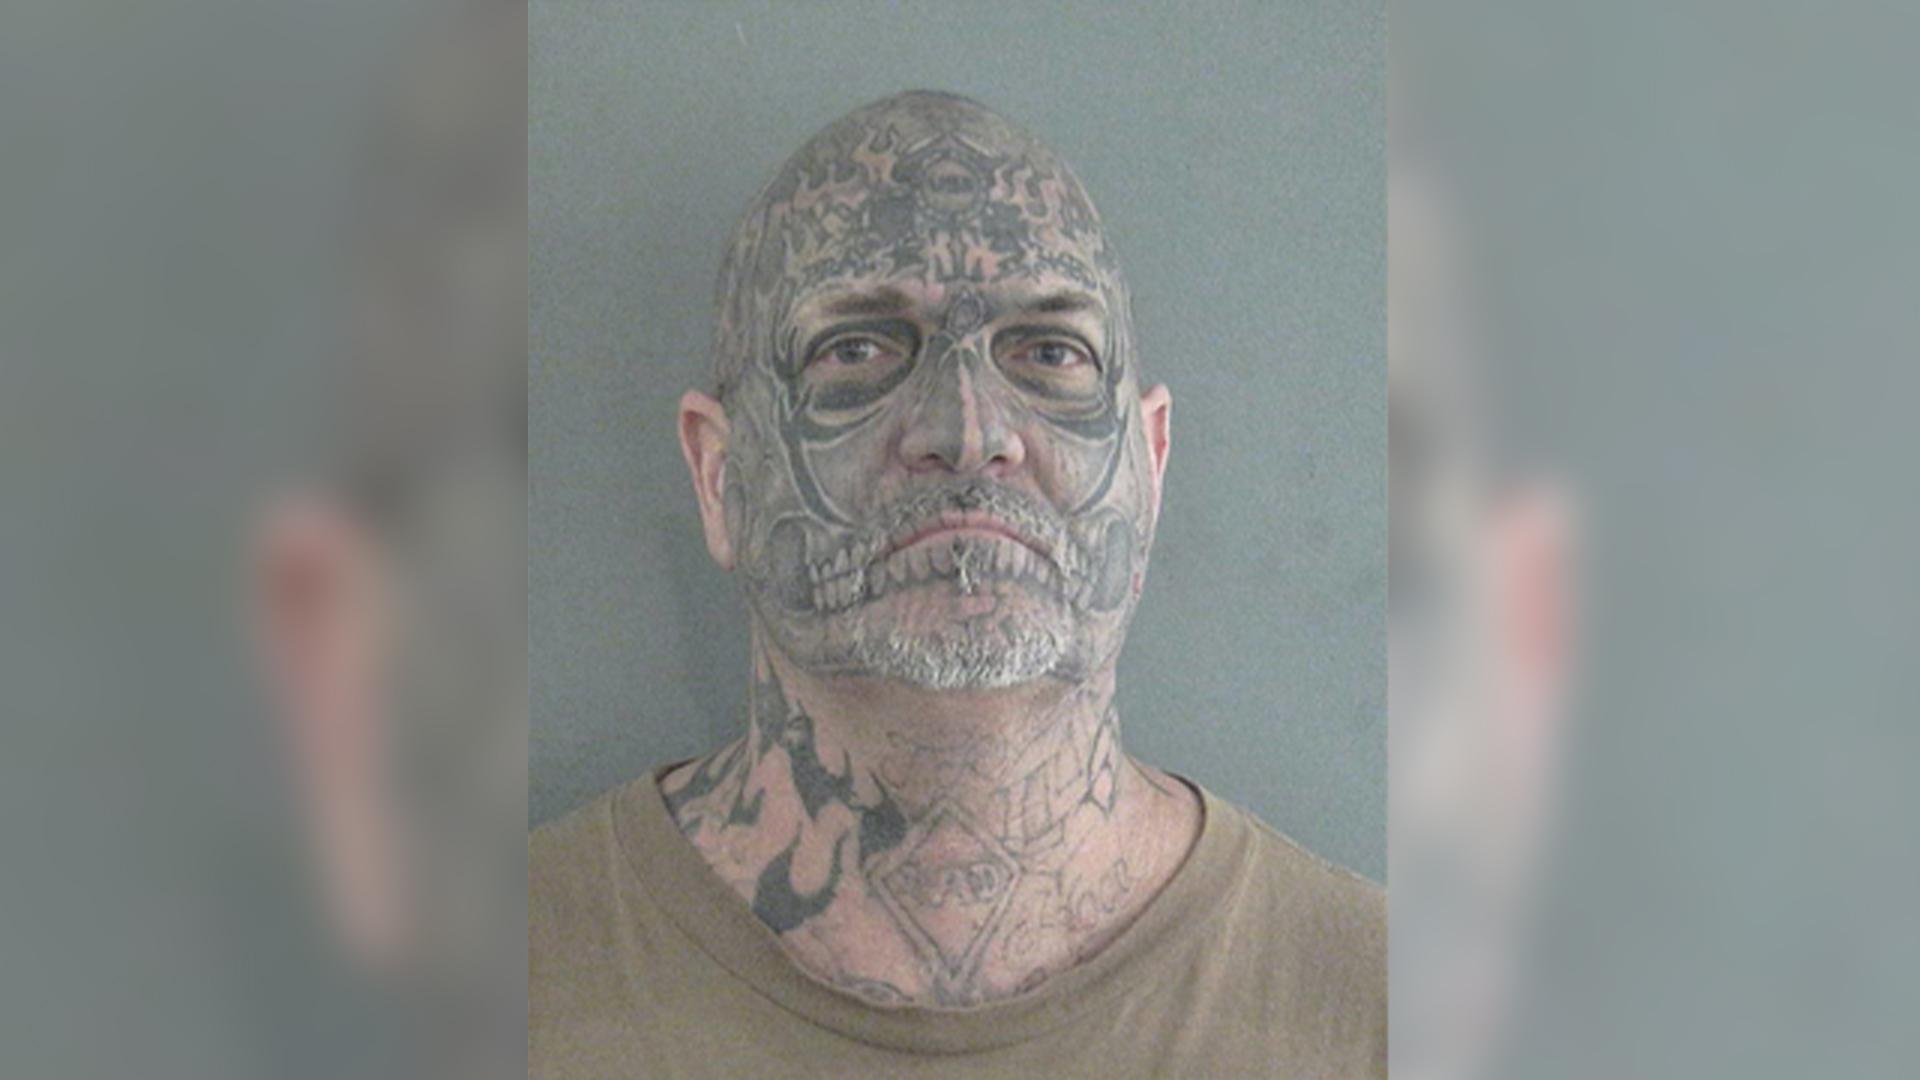 Florida man arrested_1554752350928.jpg.jpg